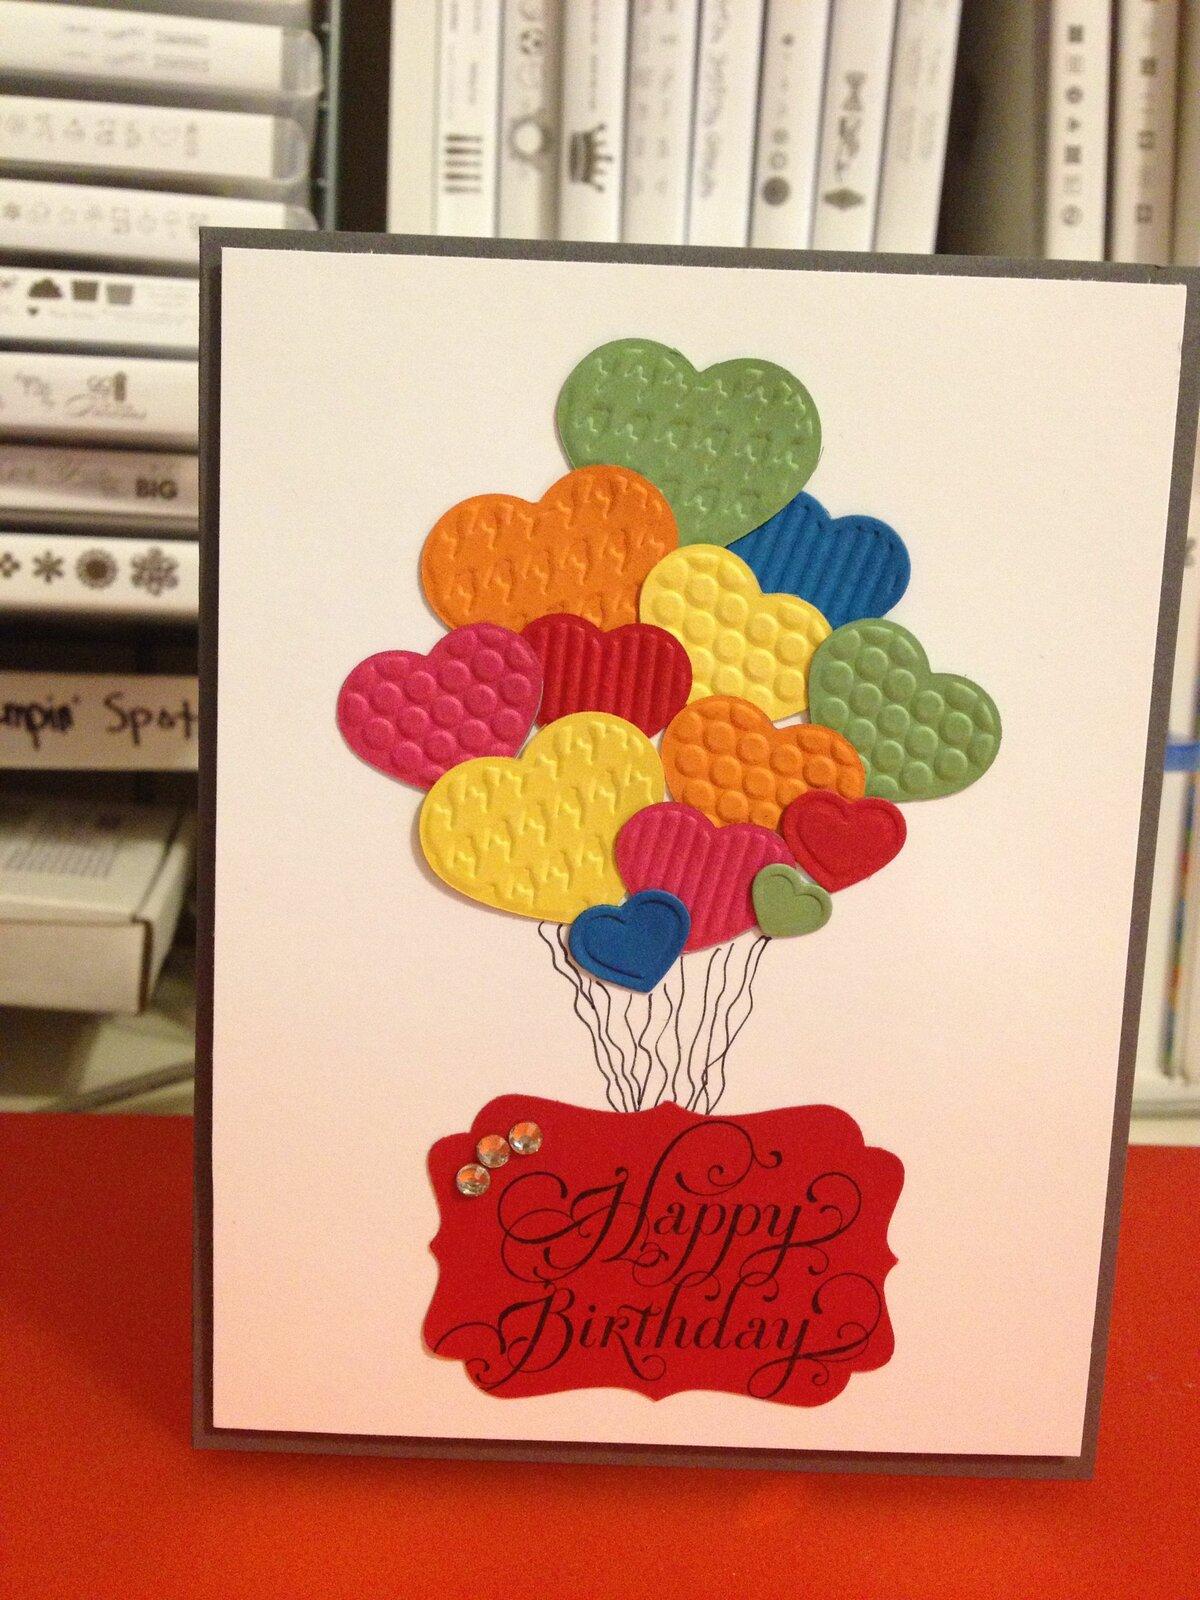 прыжкам открытка на день рождения друга своими руками и со стихами воздушного